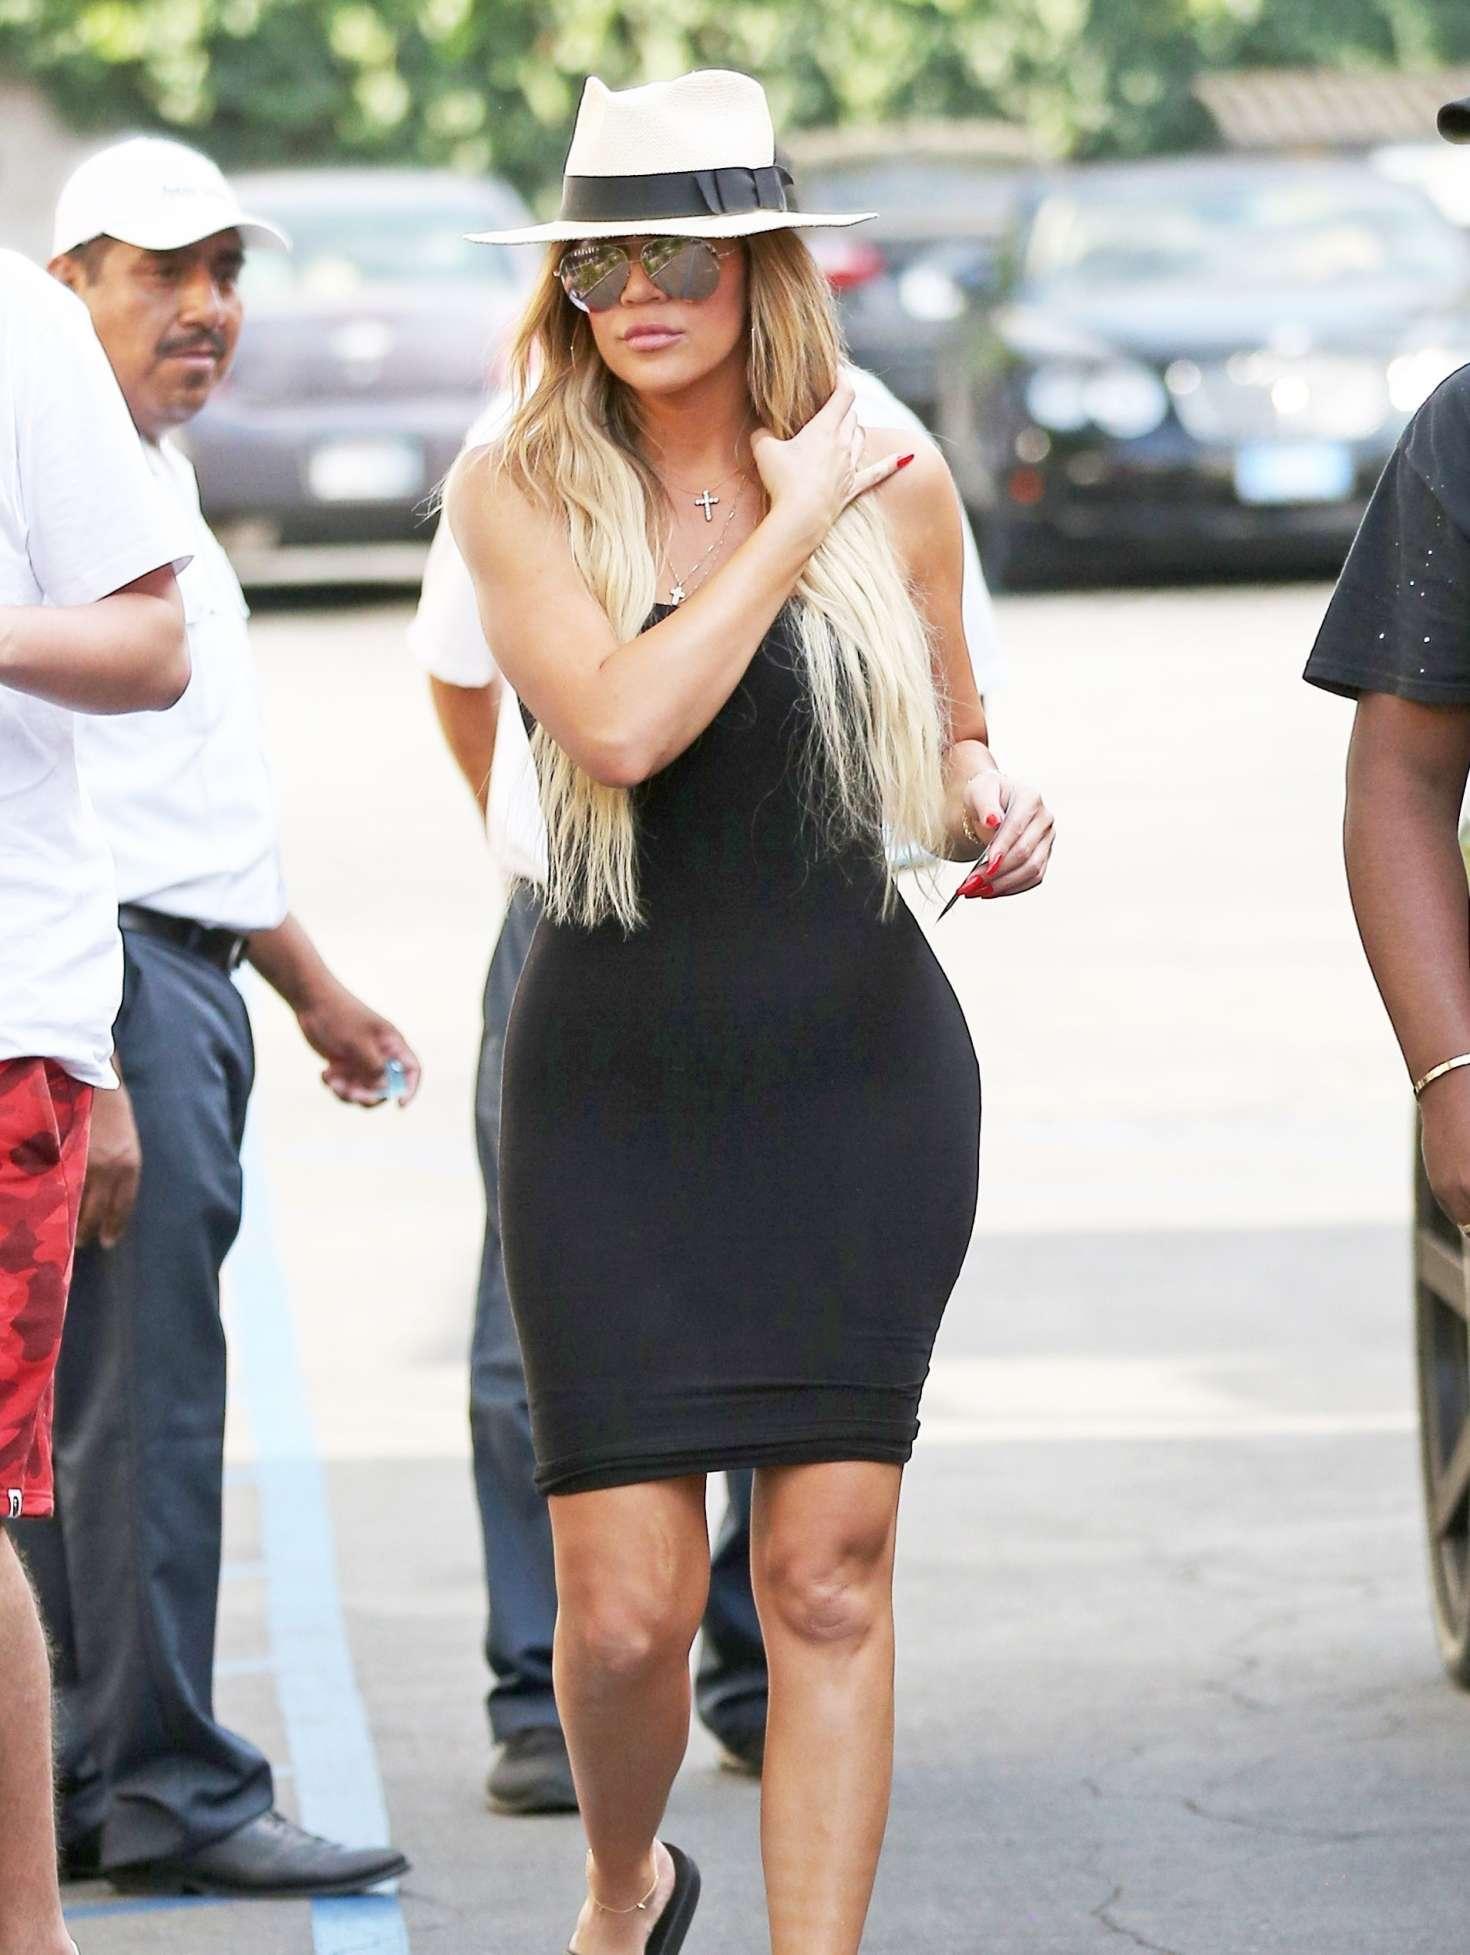 Khloe Kardashian in Black Dress out in LA